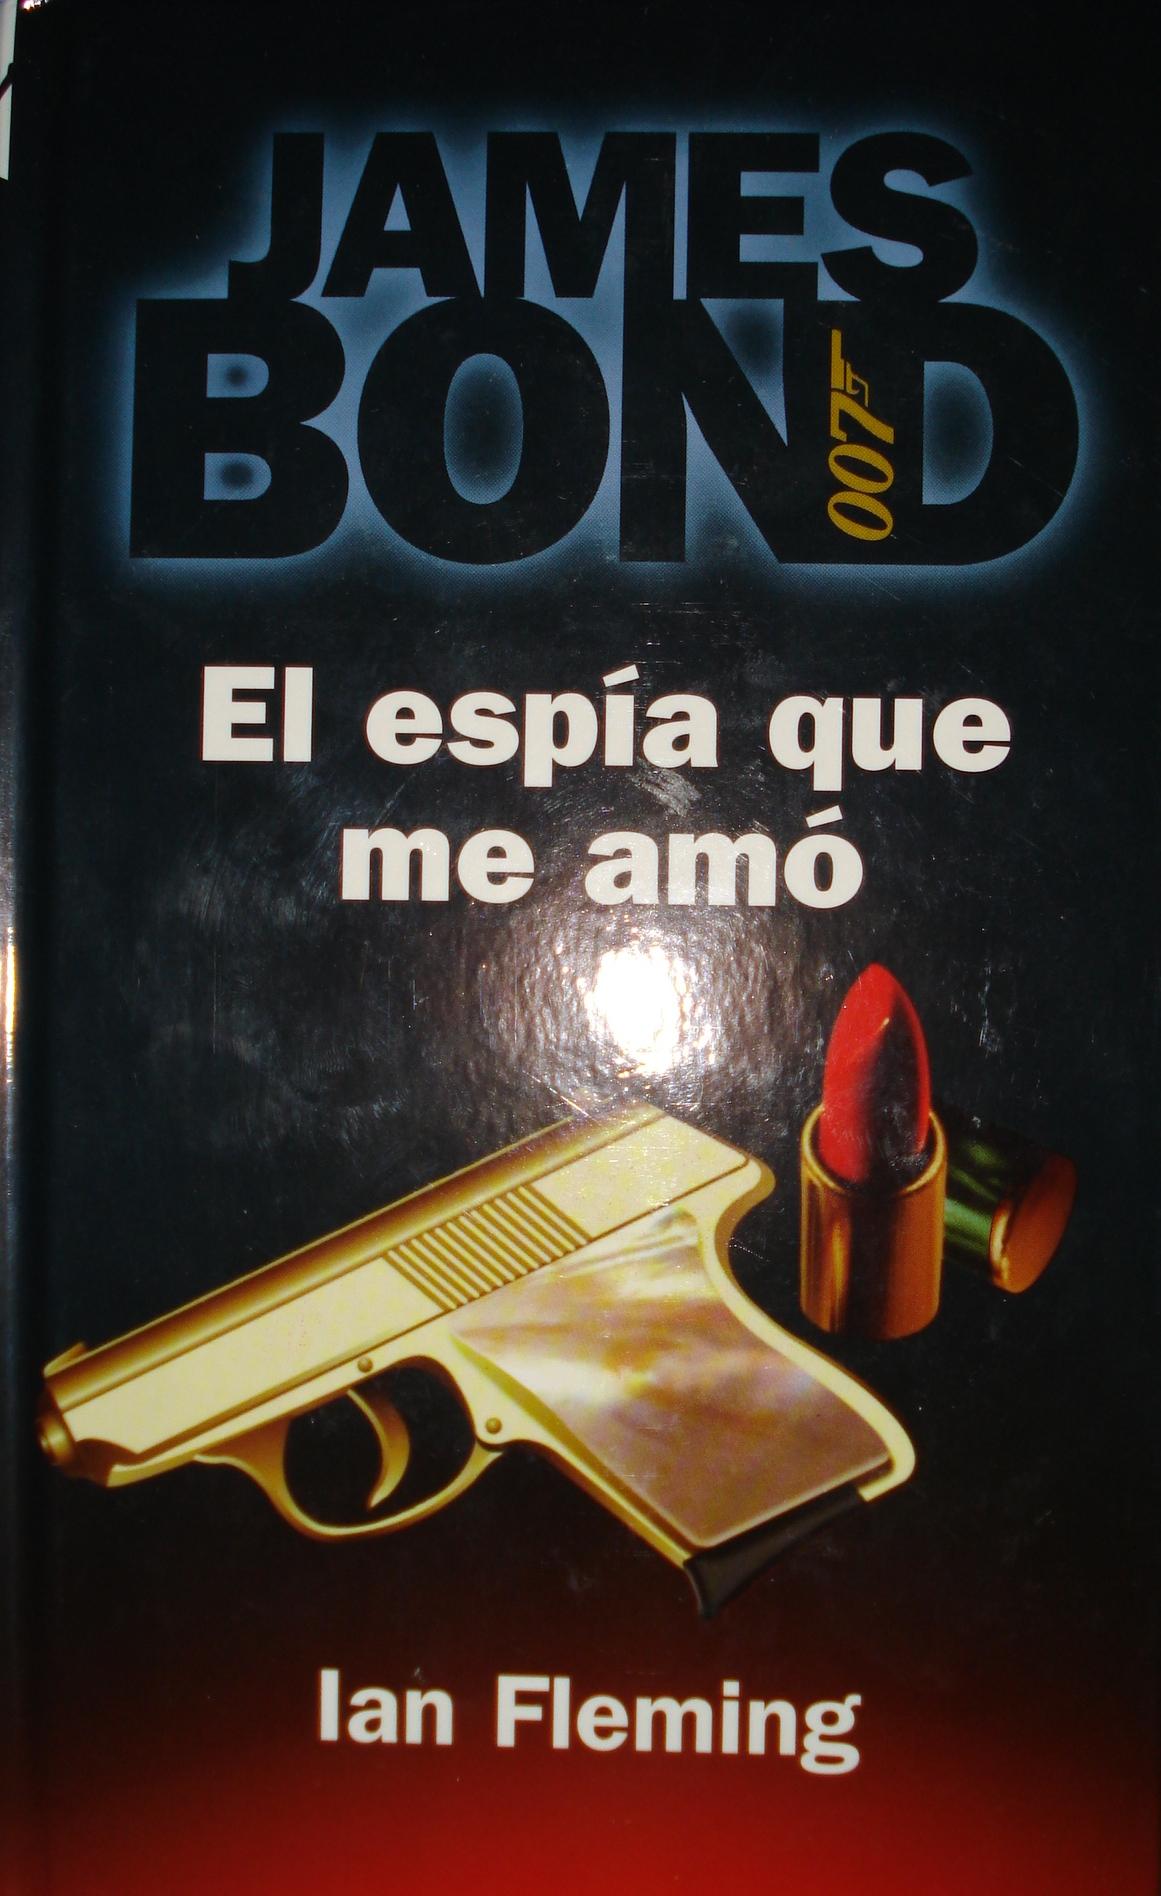 El espía que me amó